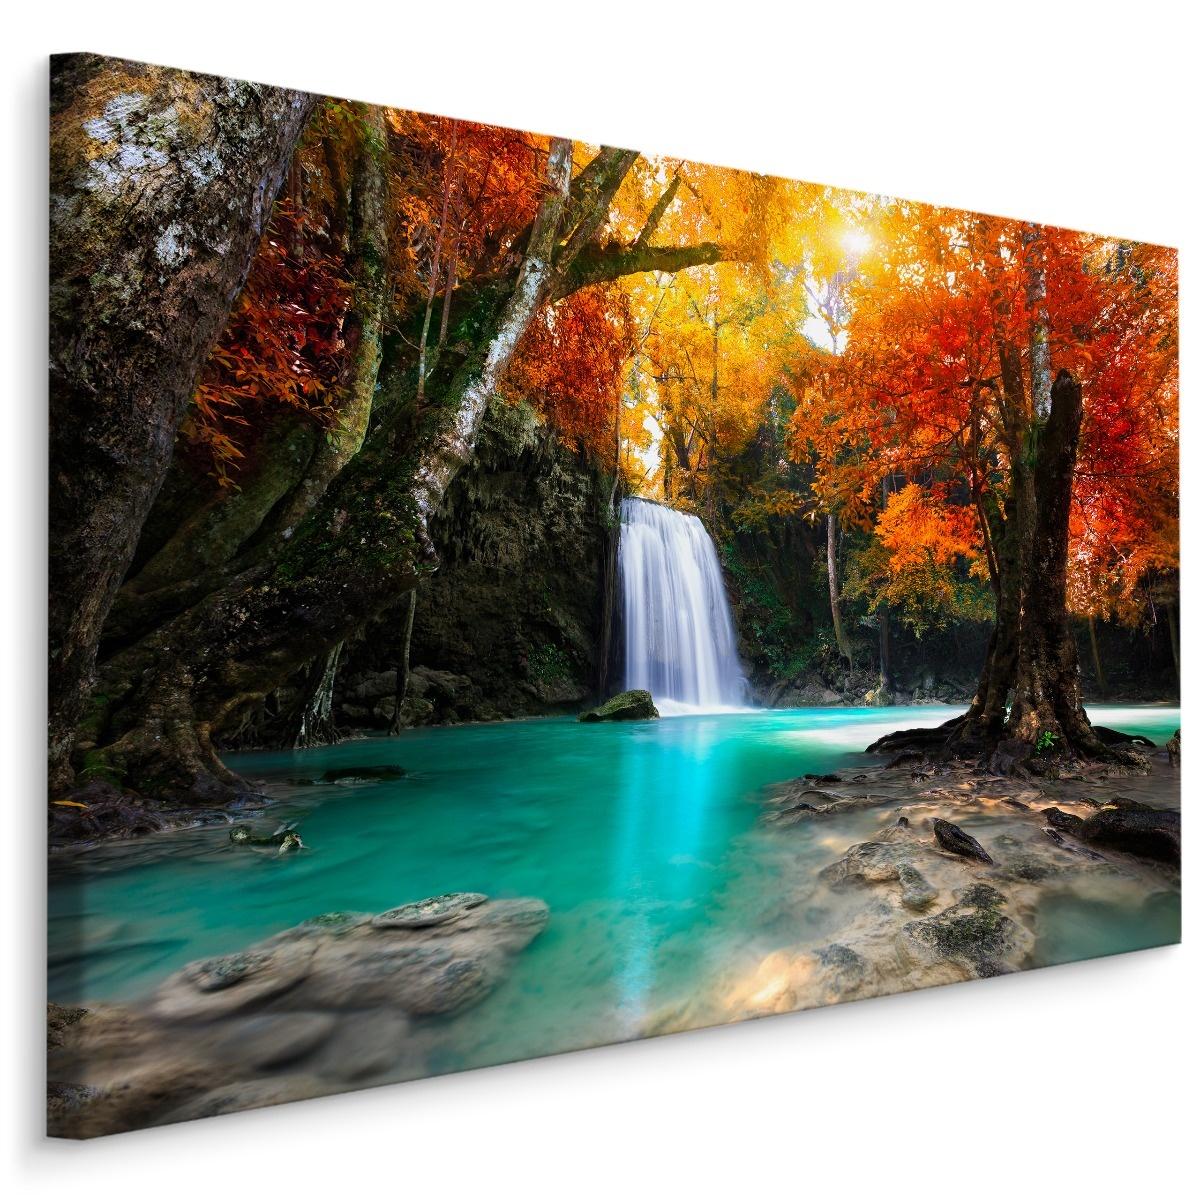 Schilderij - Waterval en herfst bos, multi-gekleurd, 4 maten, wanddecoratie